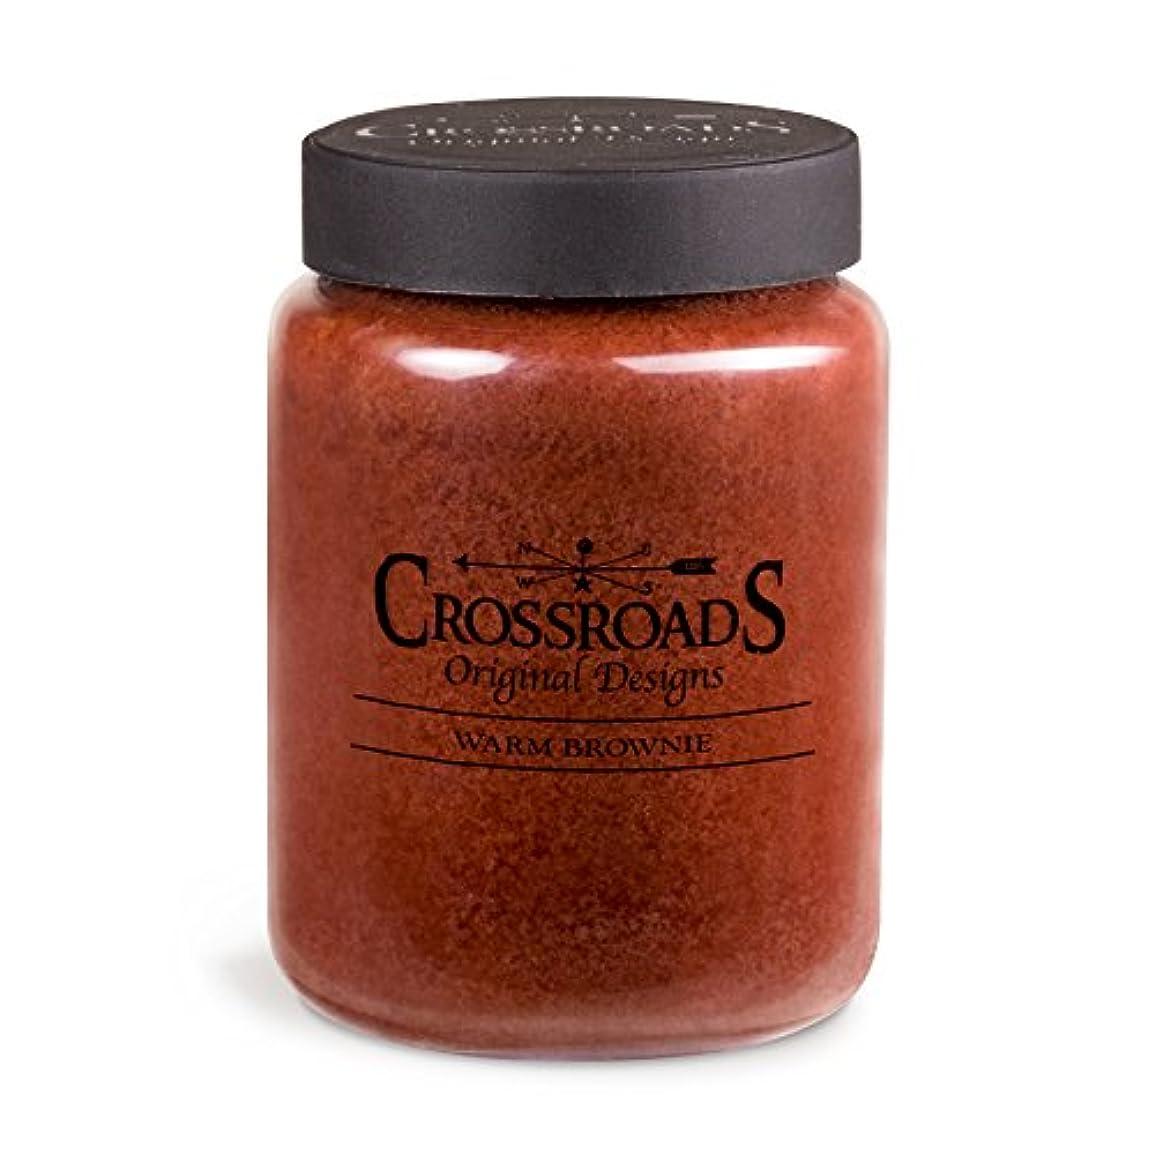 製造業計画平凡Crossroads Warm Brownie香りつき2-wick Candle、26オンス